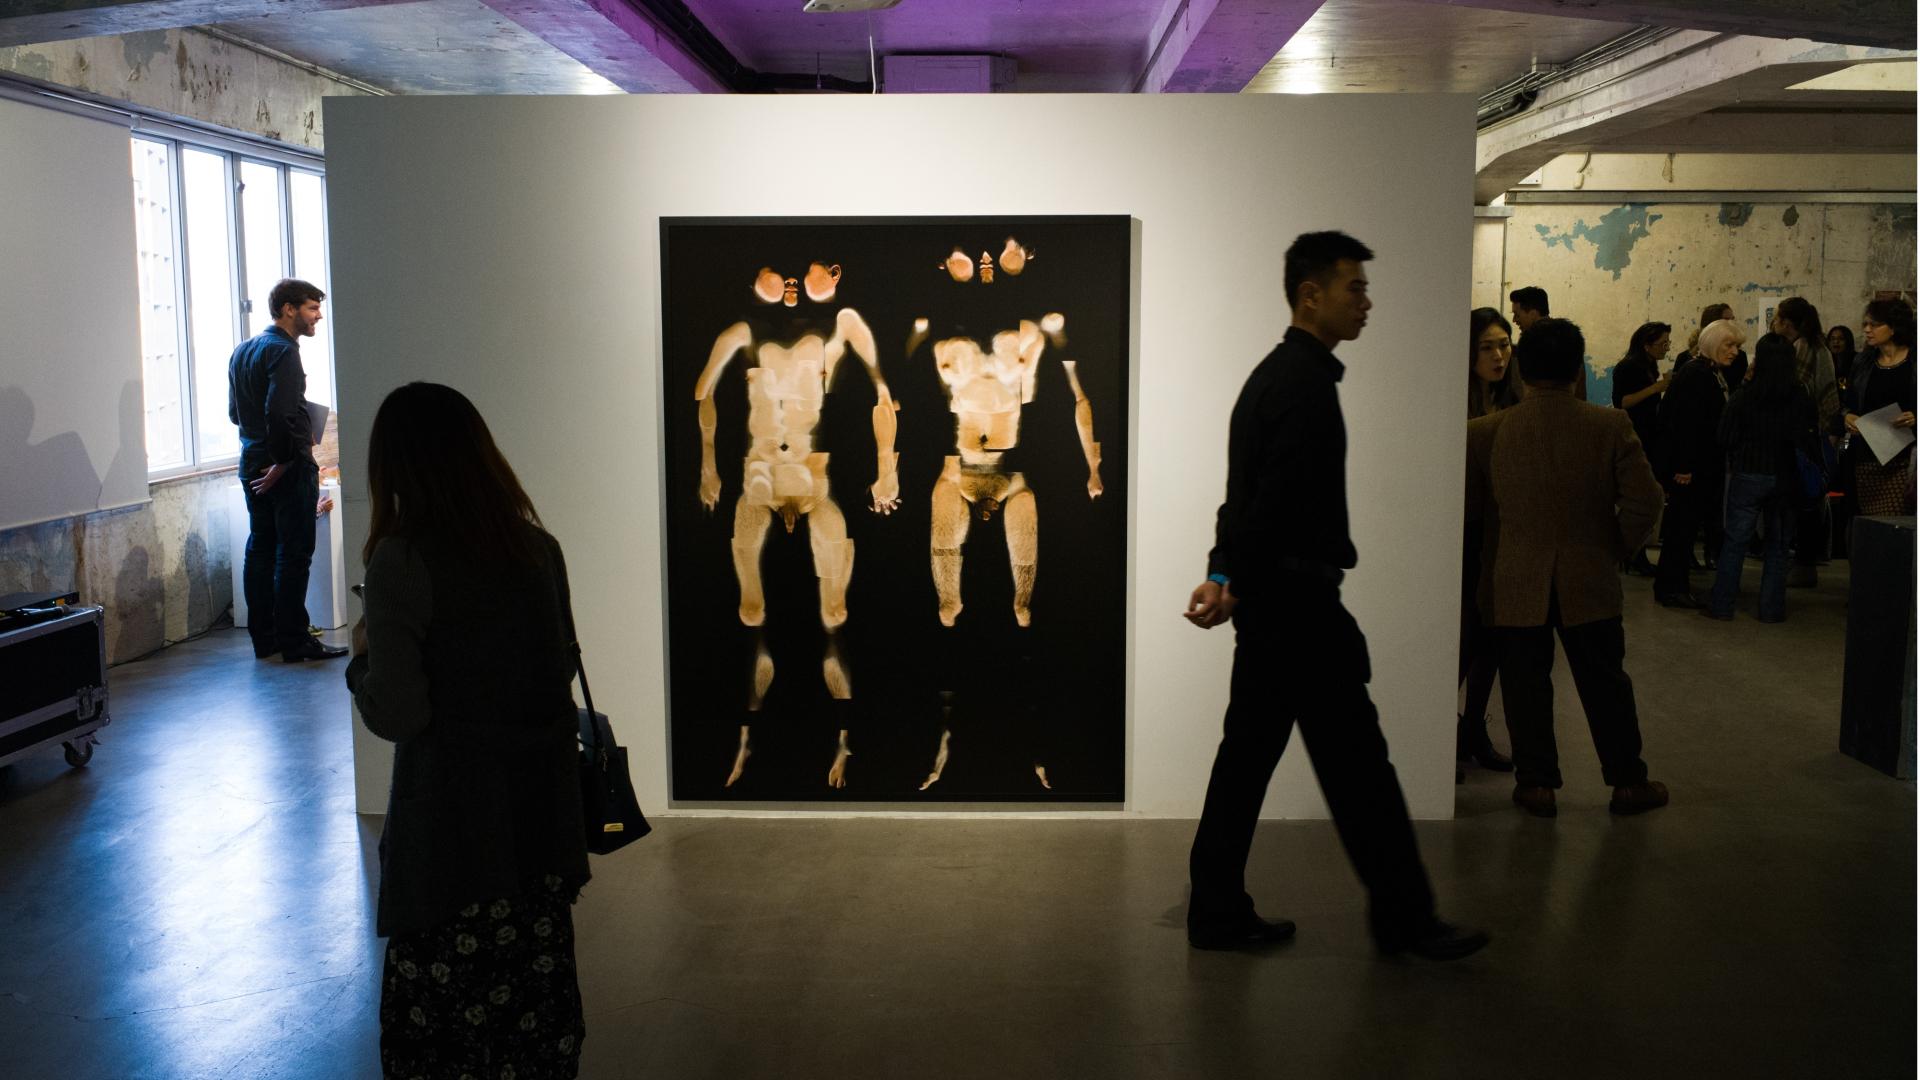 Hong Kong Human Rights Arts Prize 2018 - featured image